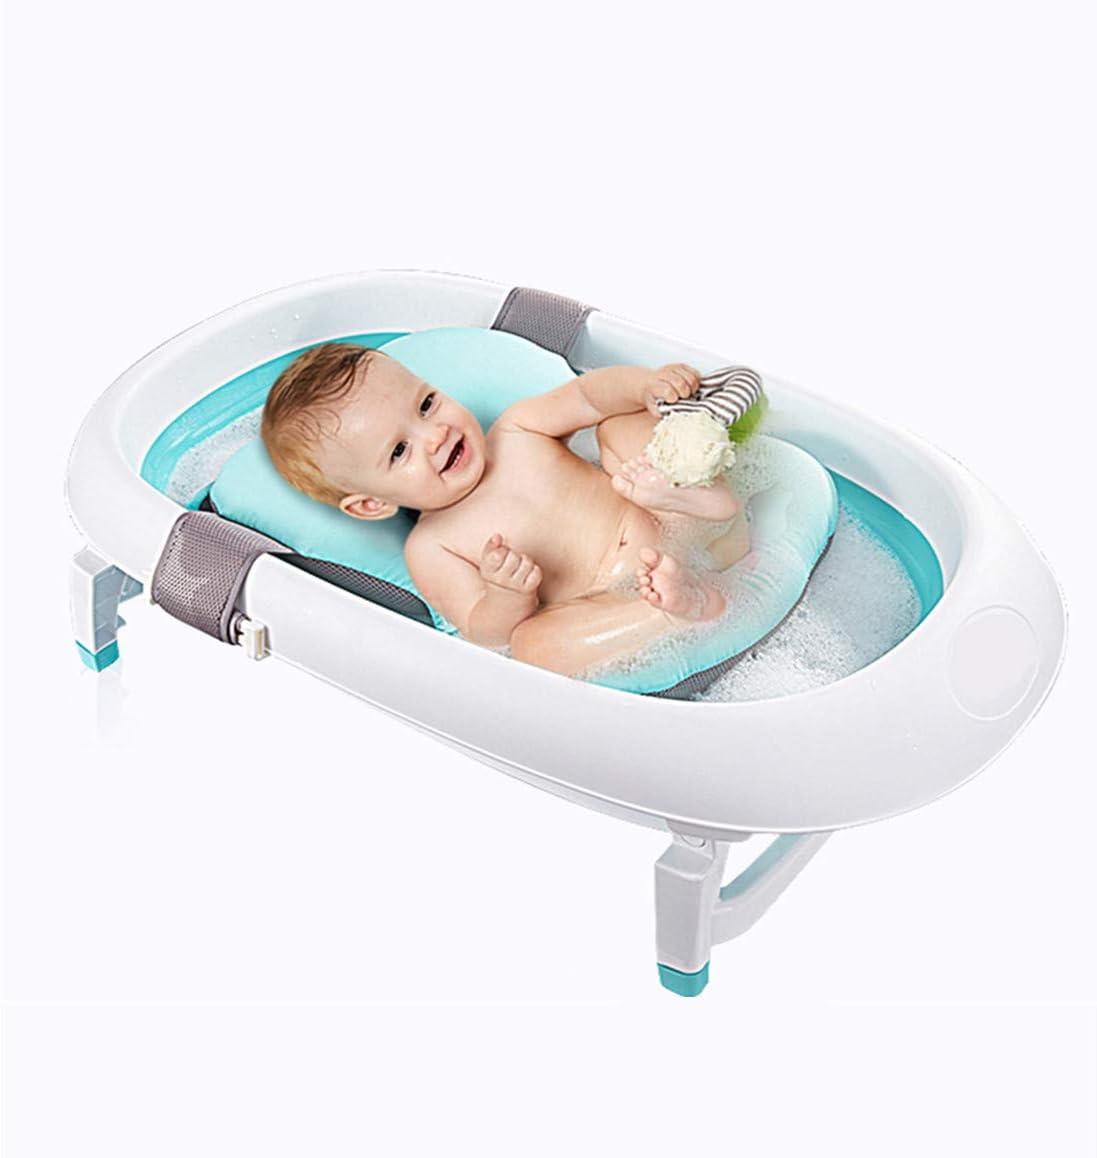 Flottant Coussin De Bain Pour Nourrisson Chaise Longue Nouveau Ne Tapis De Bain Pour Nourrisson Bebe Toilette De Bebe Bebe Puericulture